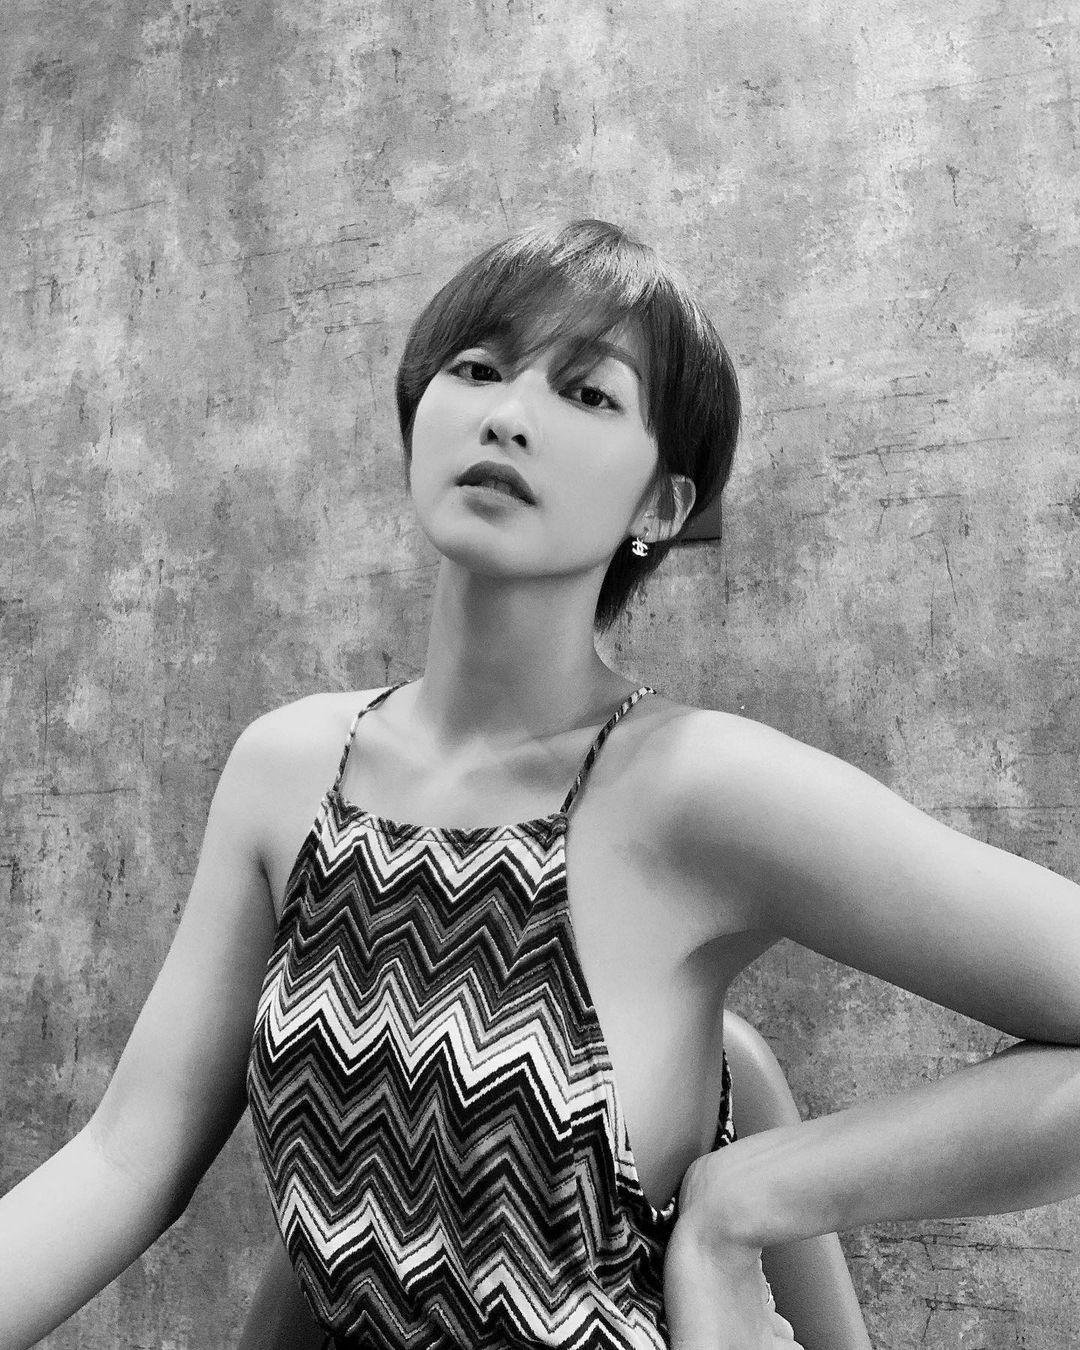 5 mỹ nhân Việt để tóc ngắn xuất sắc nhất: Ngắm là muốn cắt phăng mái tóc dài, nàng 30+ tìm được nhiều kiểu siêu hợp - Ảnh 14